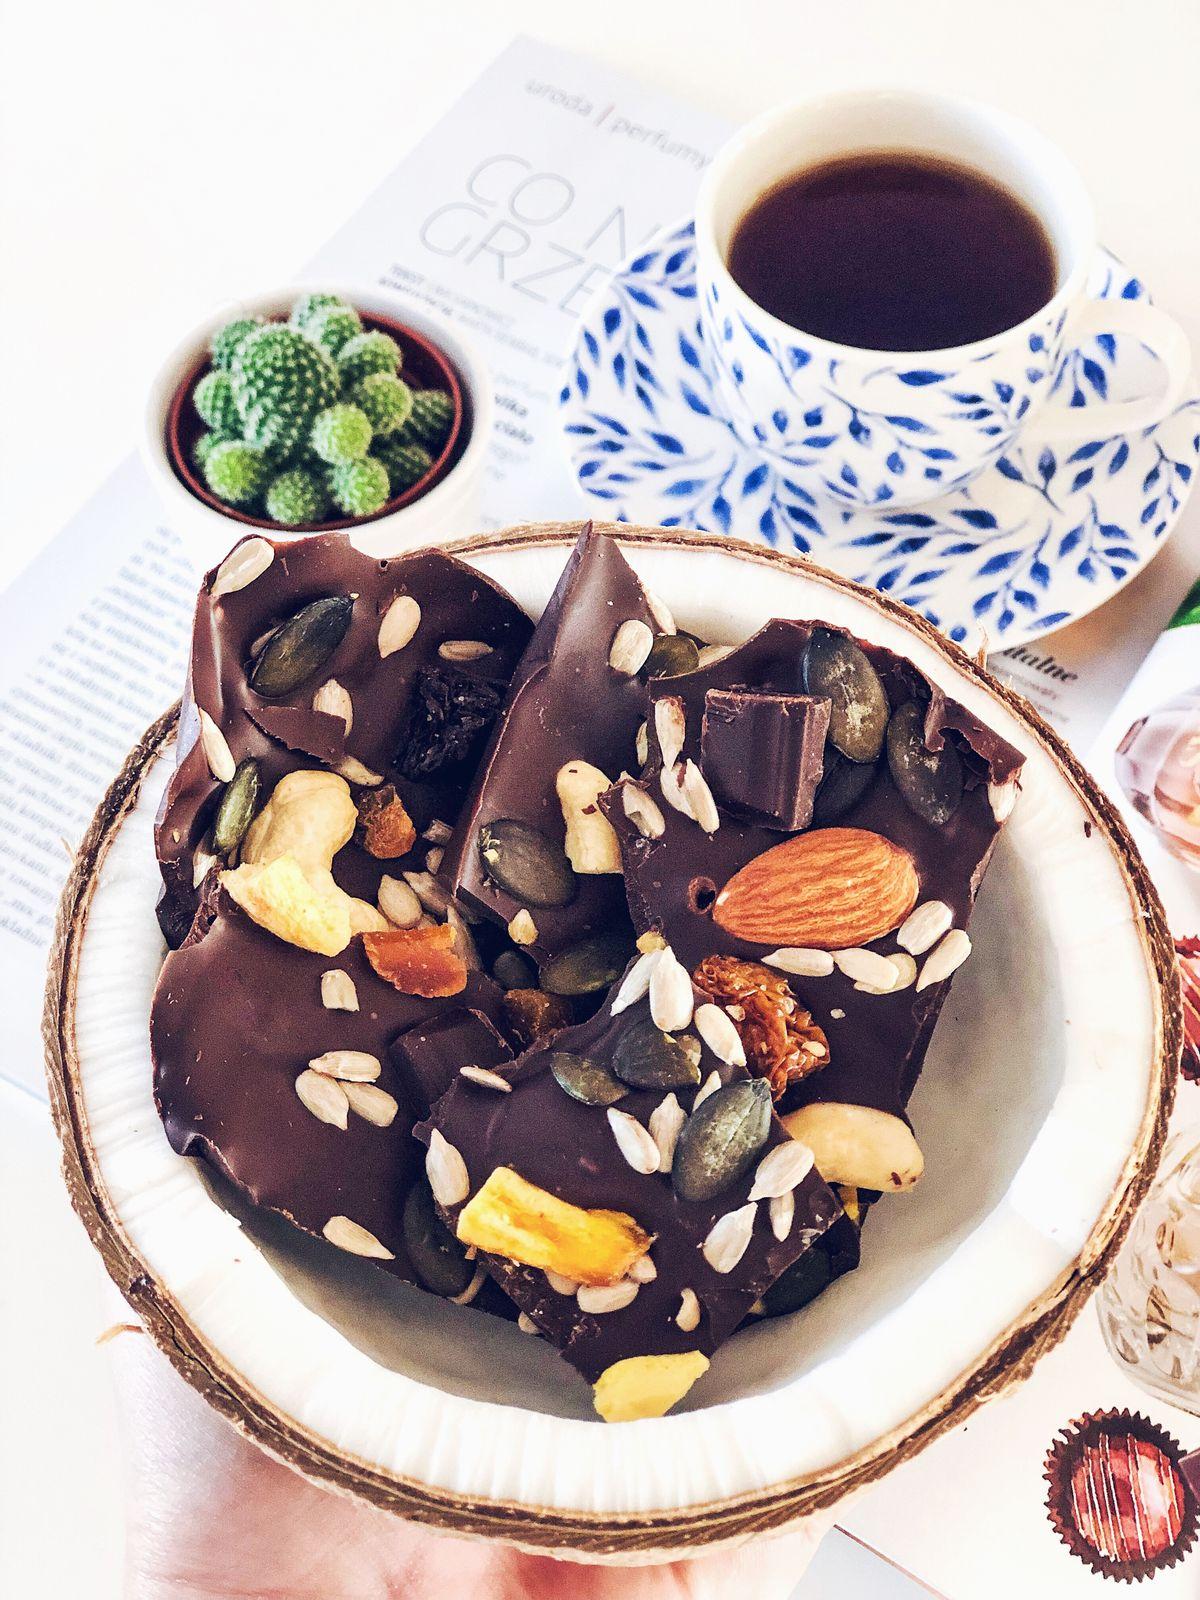 Chocolate bark, czyli czekolada z bakaliami w zaskakującej formie.